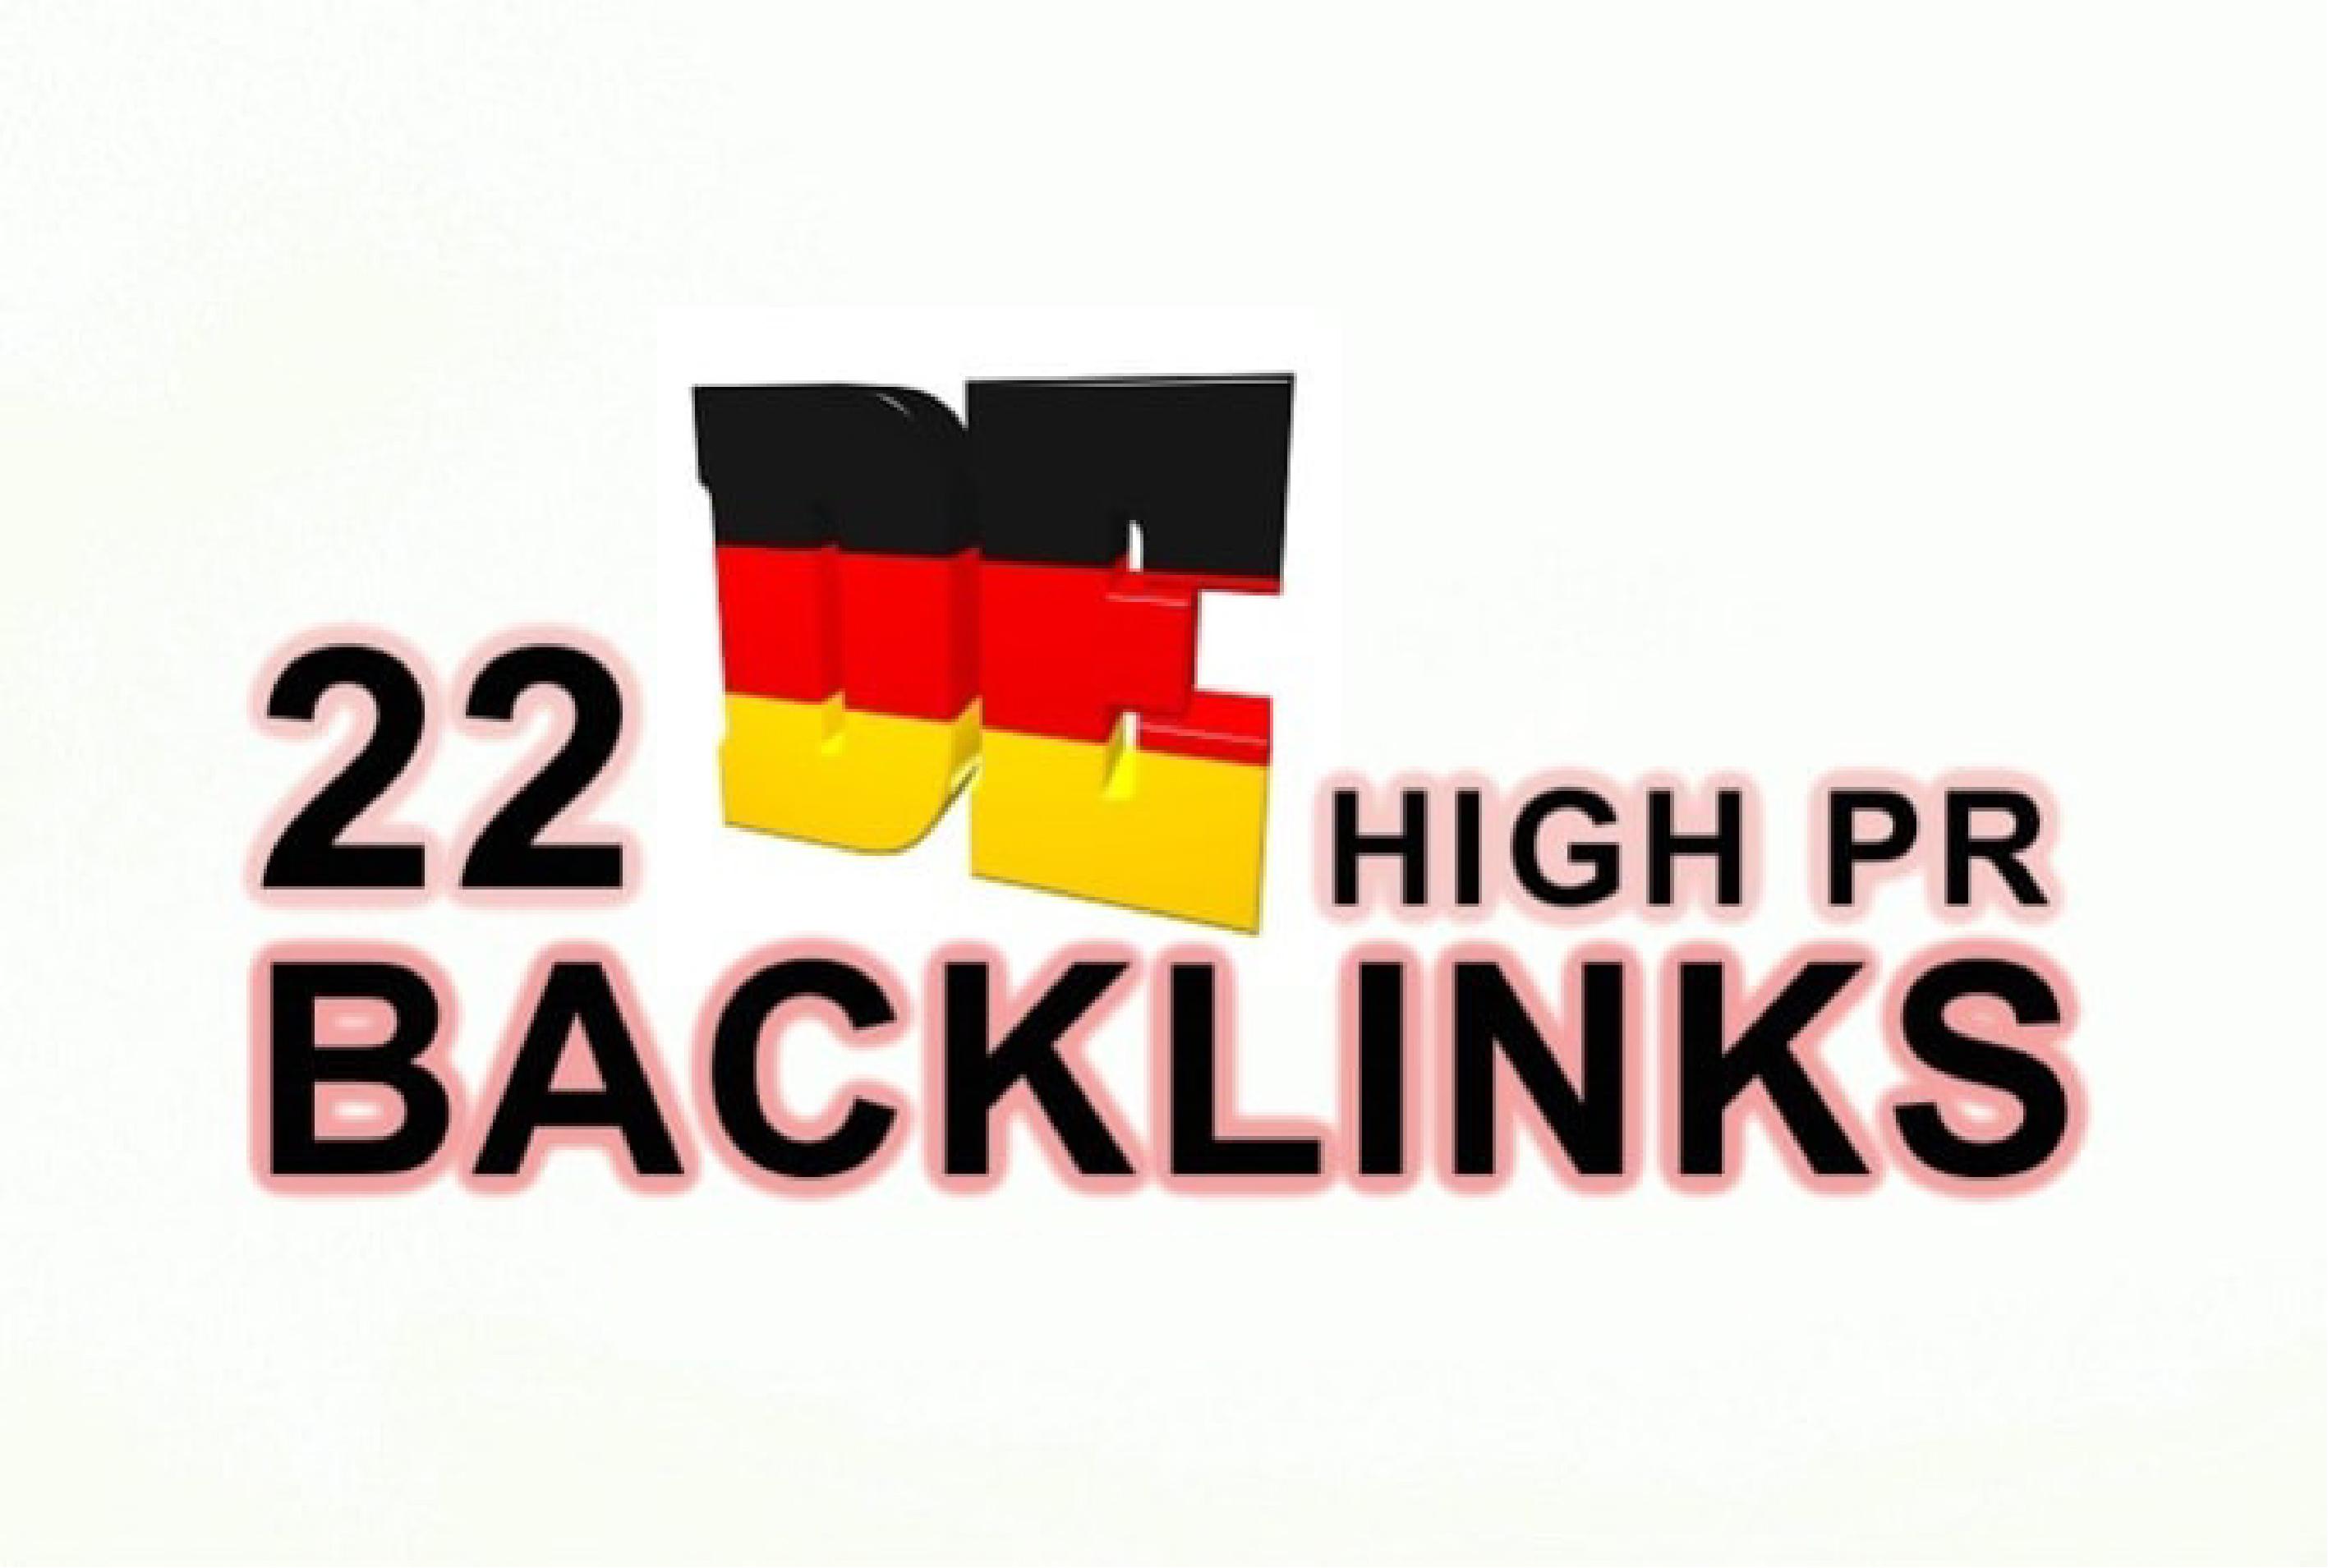 I will build 22 germane high pr backlinks